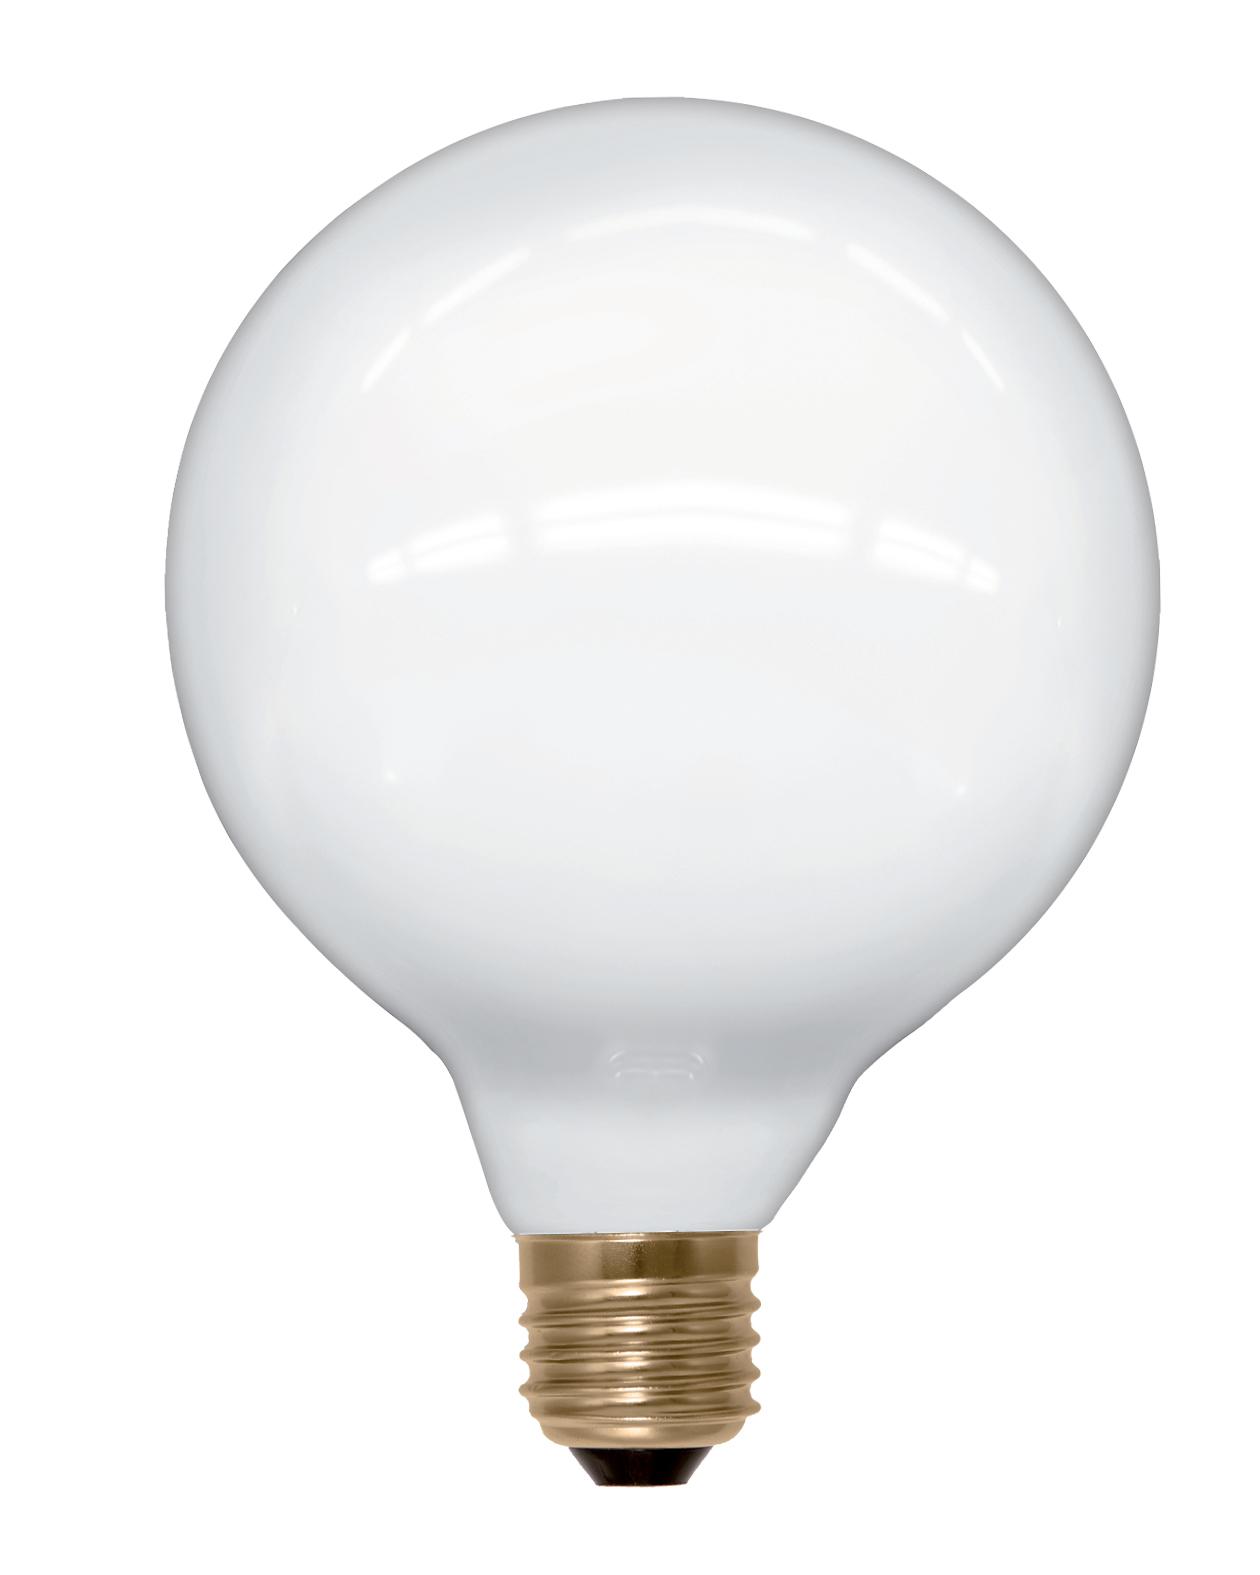 LED globe lamp 8W E27 filament Segula dimbaar 50284